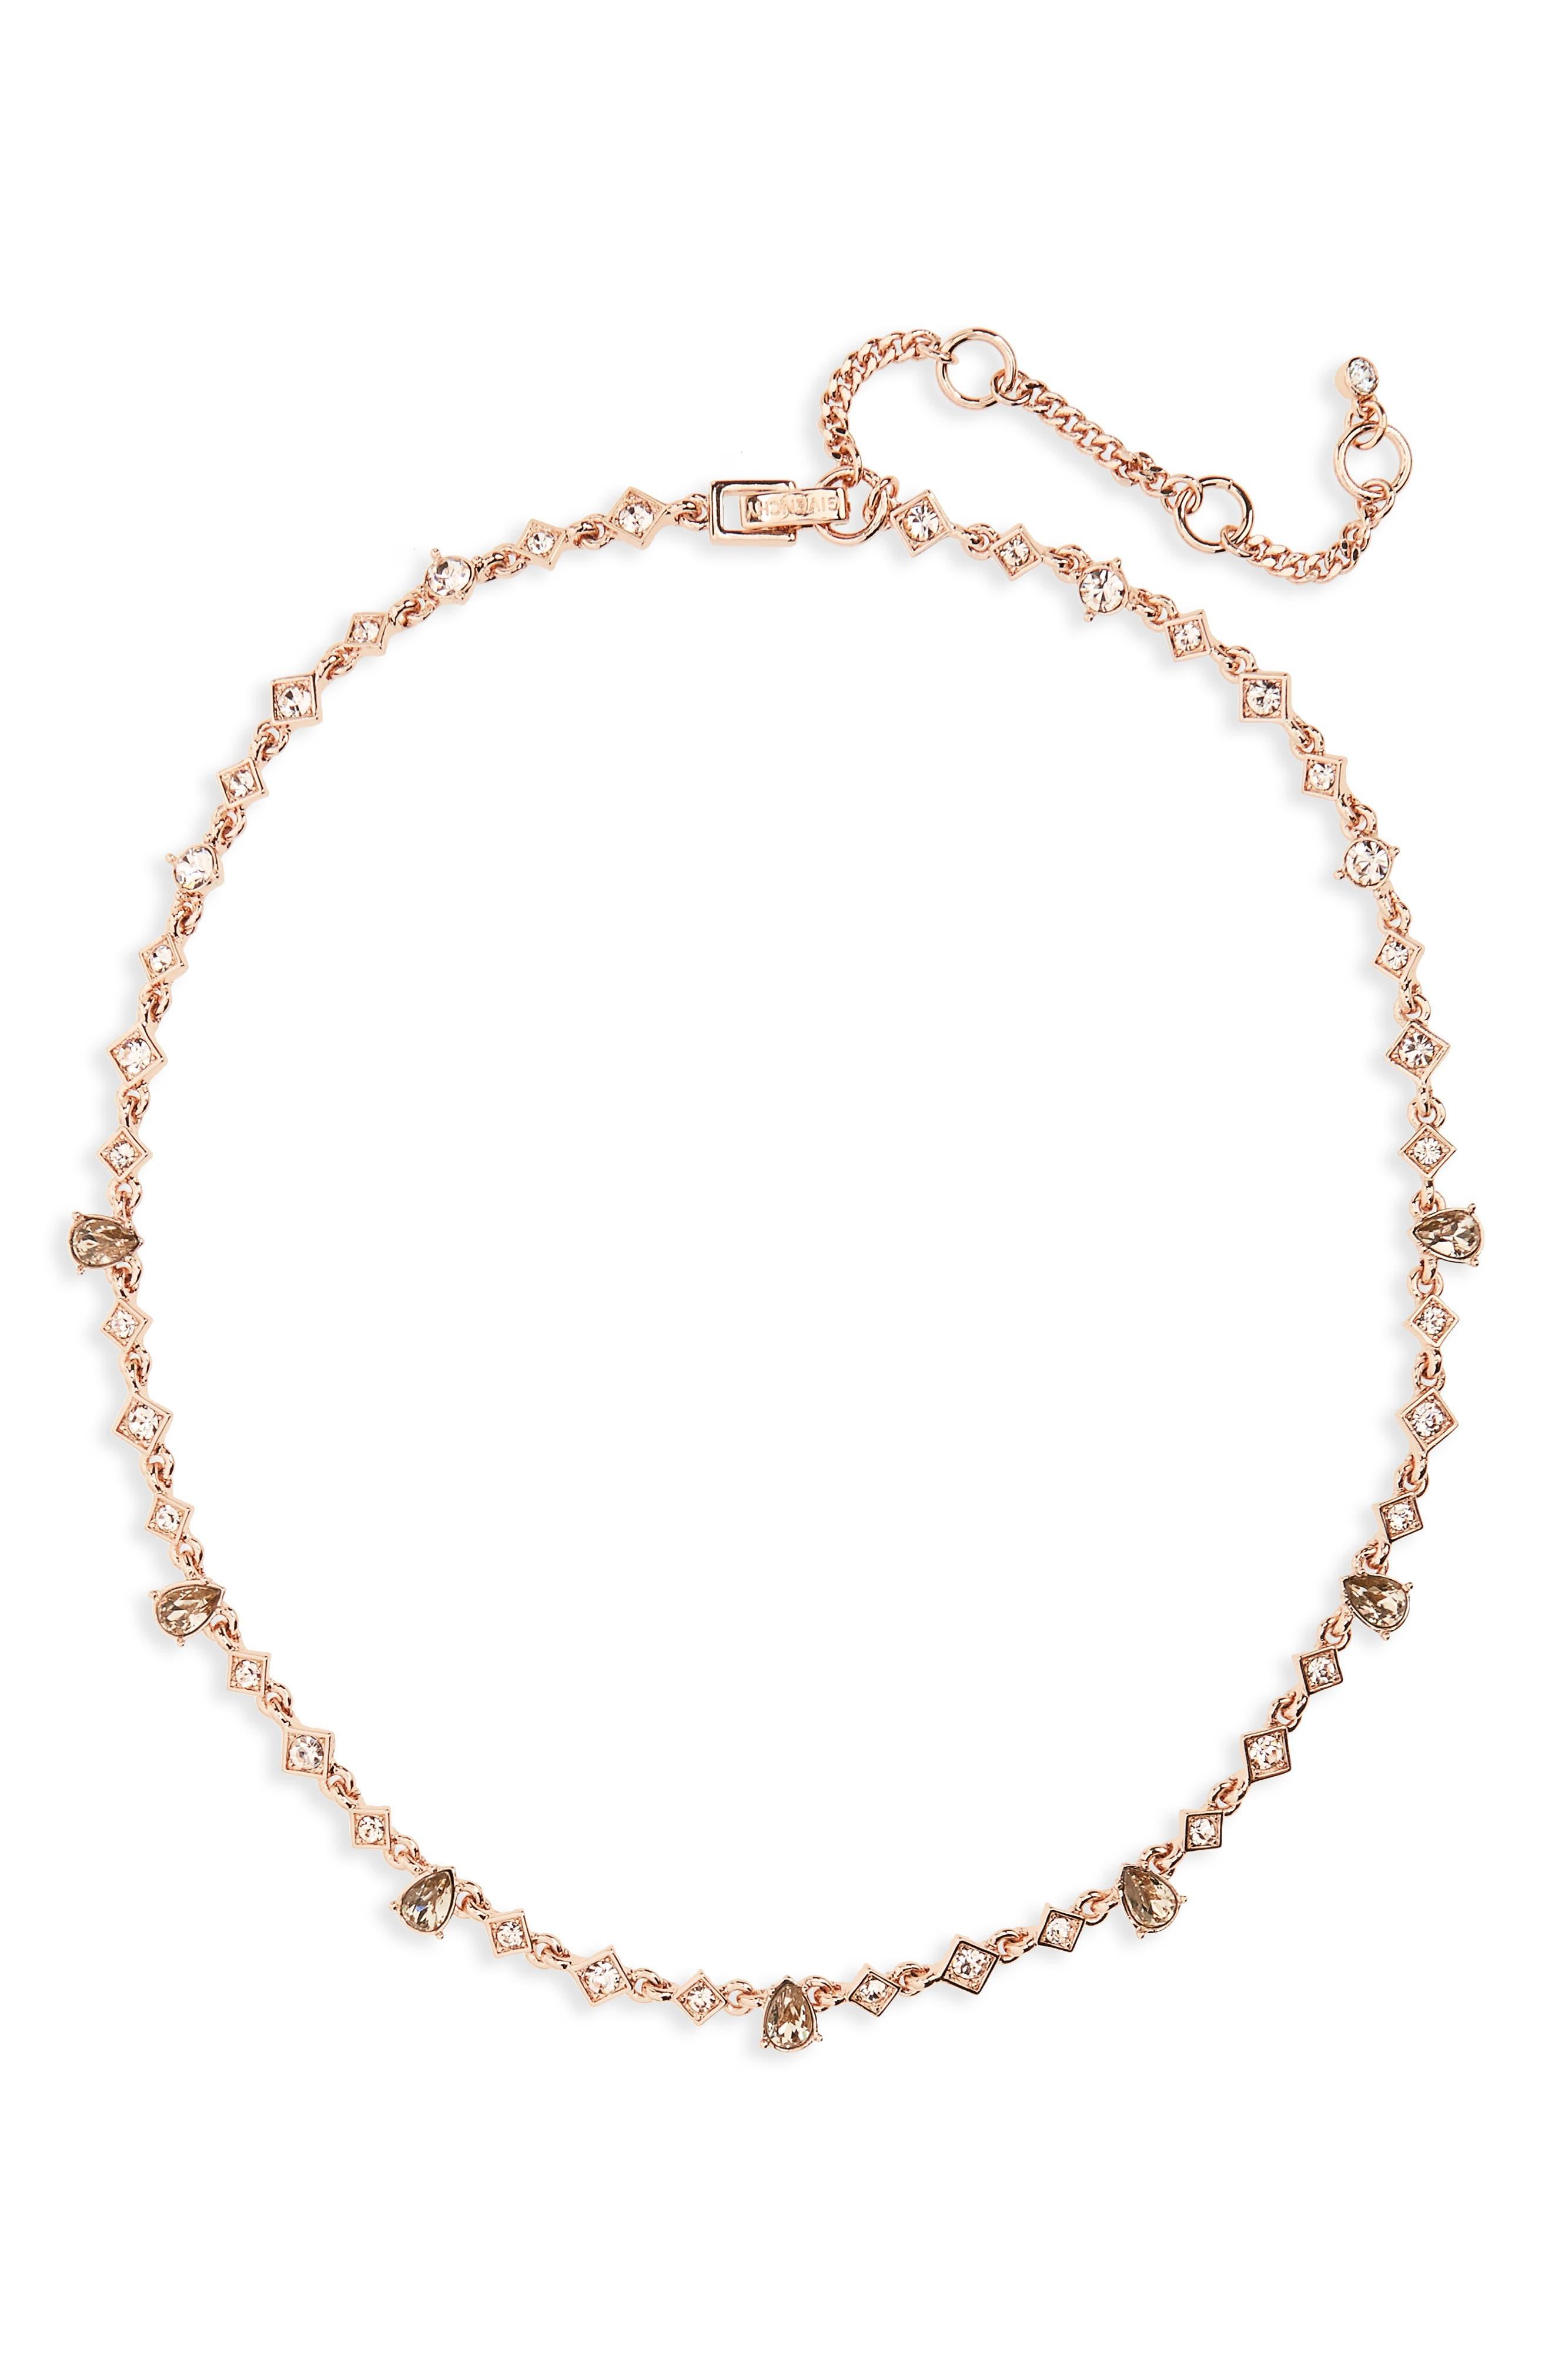 Main Image - Givenchy Savannah Collar Necklace